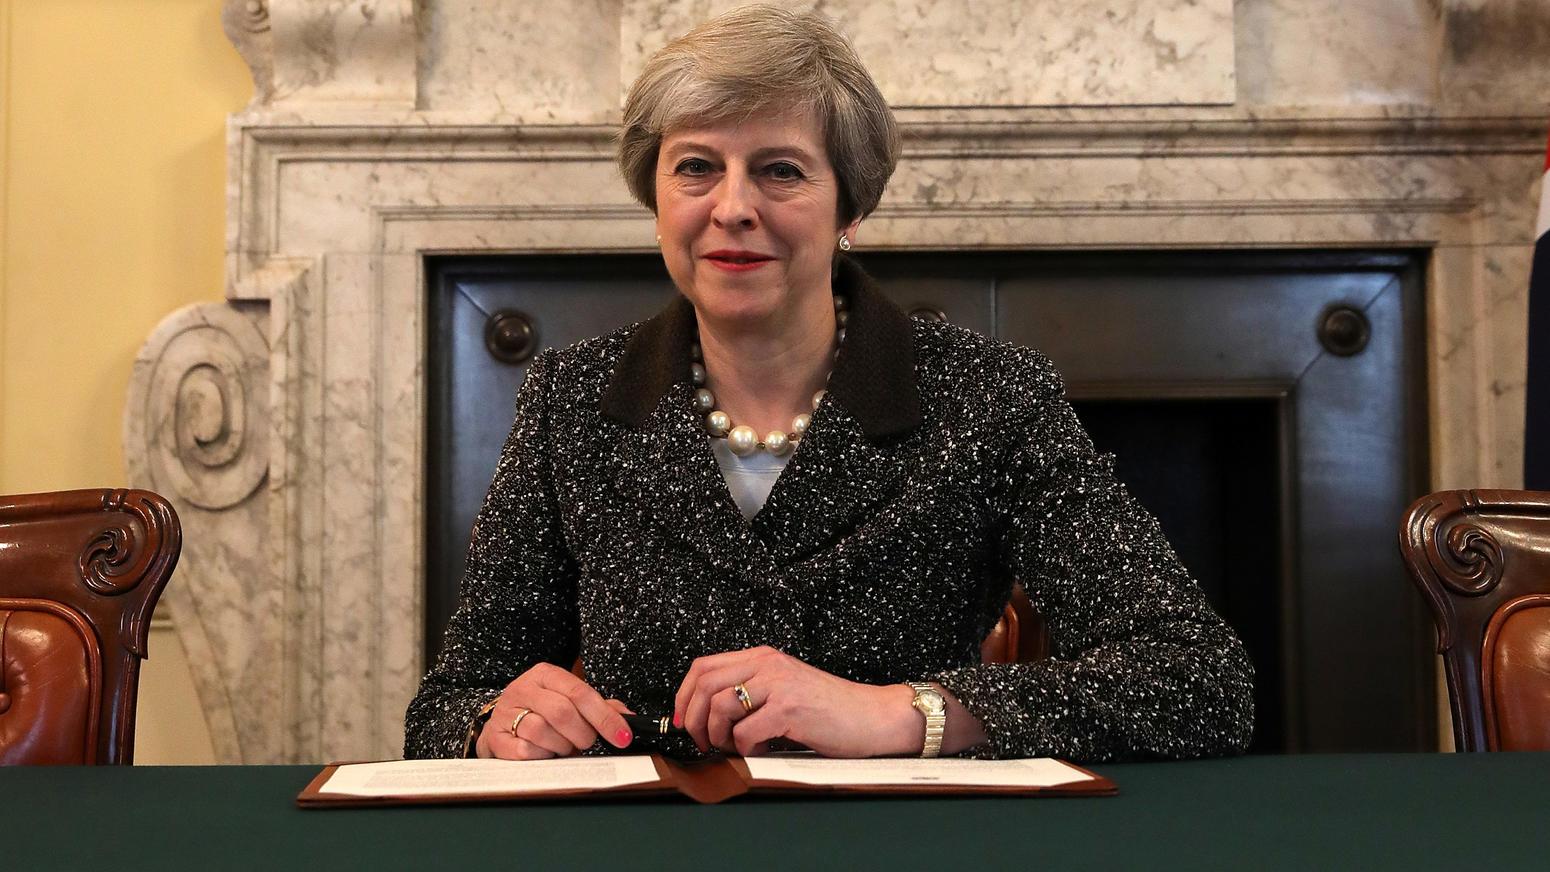 cheerio gro britannien may unterzeichnet brexit erkl rung wie teuer wird diese scheidung. Black Bedroom Furniture Sets. Home Design Ideas